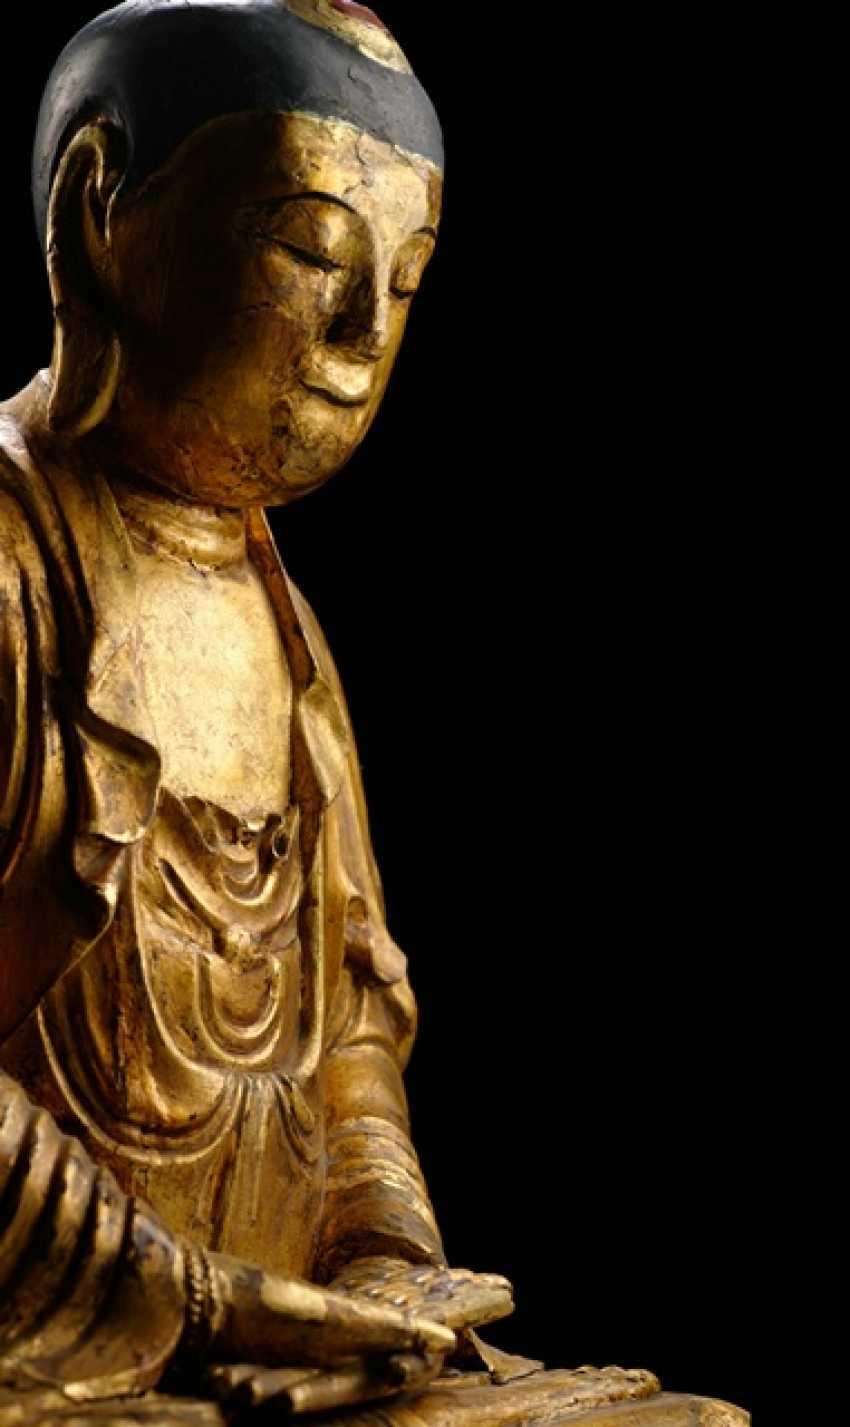 Lackvergoldete Skulptur des Buddha Shakyamuni - photo 2